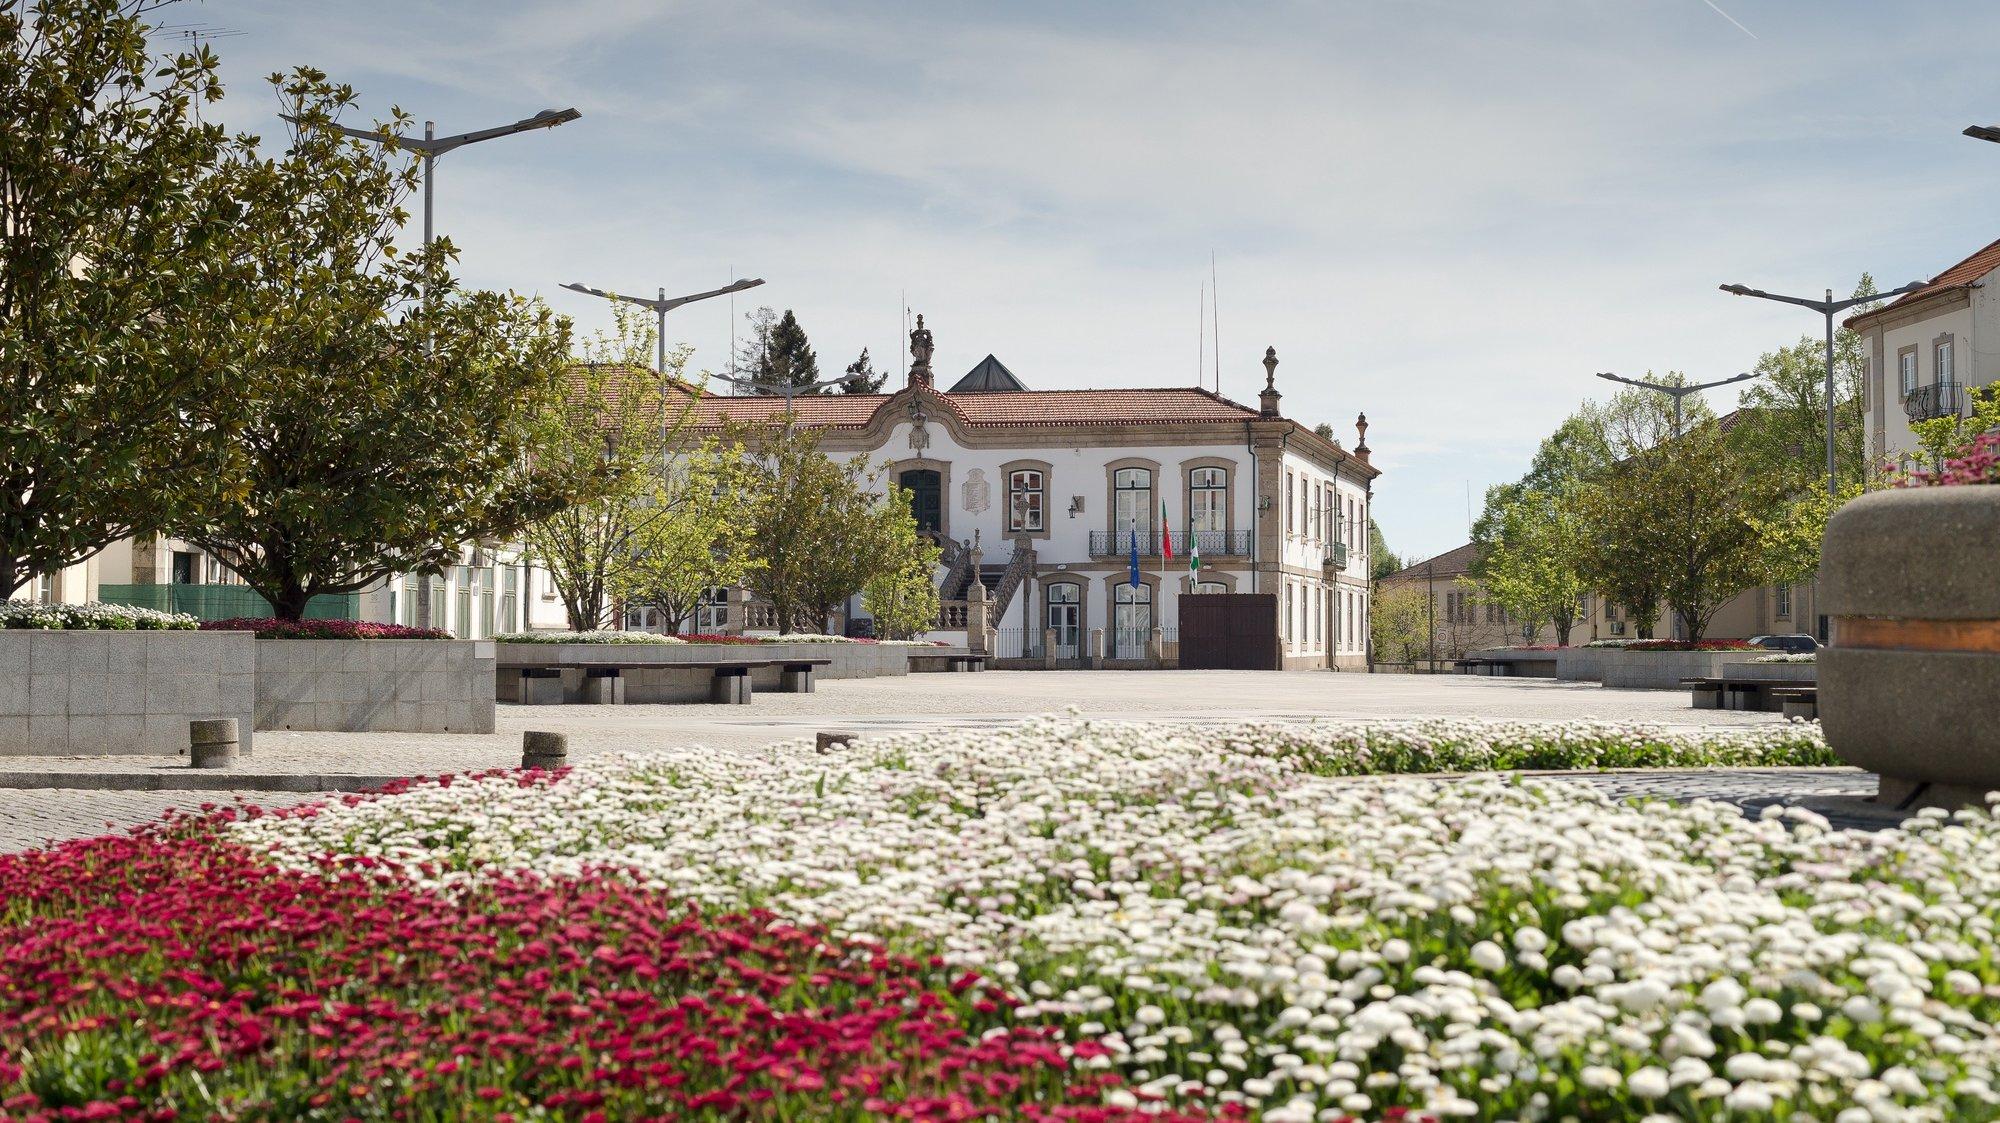 Edifício da Câmara Municipal de Vila Real, concelho e distrito de Vila Real, 9 de abril de 2017. PEDRO SARMENTO COSTA / LUSA